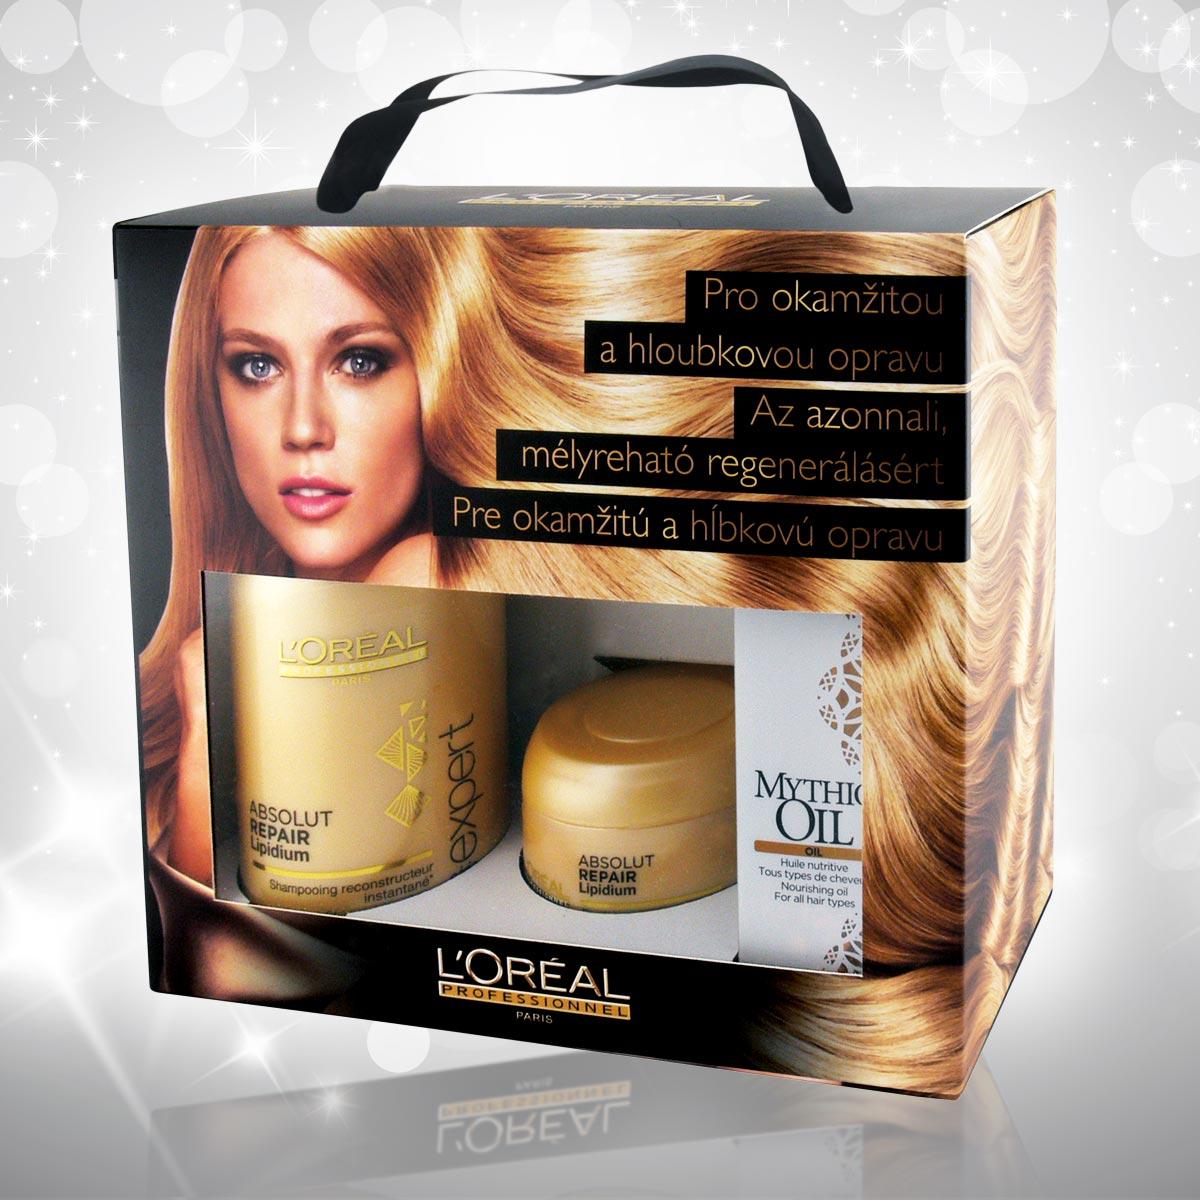 Vánoční dárky L'Oréal Professionnel 2014 – Absolut Repair Lipidium pro okamžitou a hloubkovou opravu vlasů.